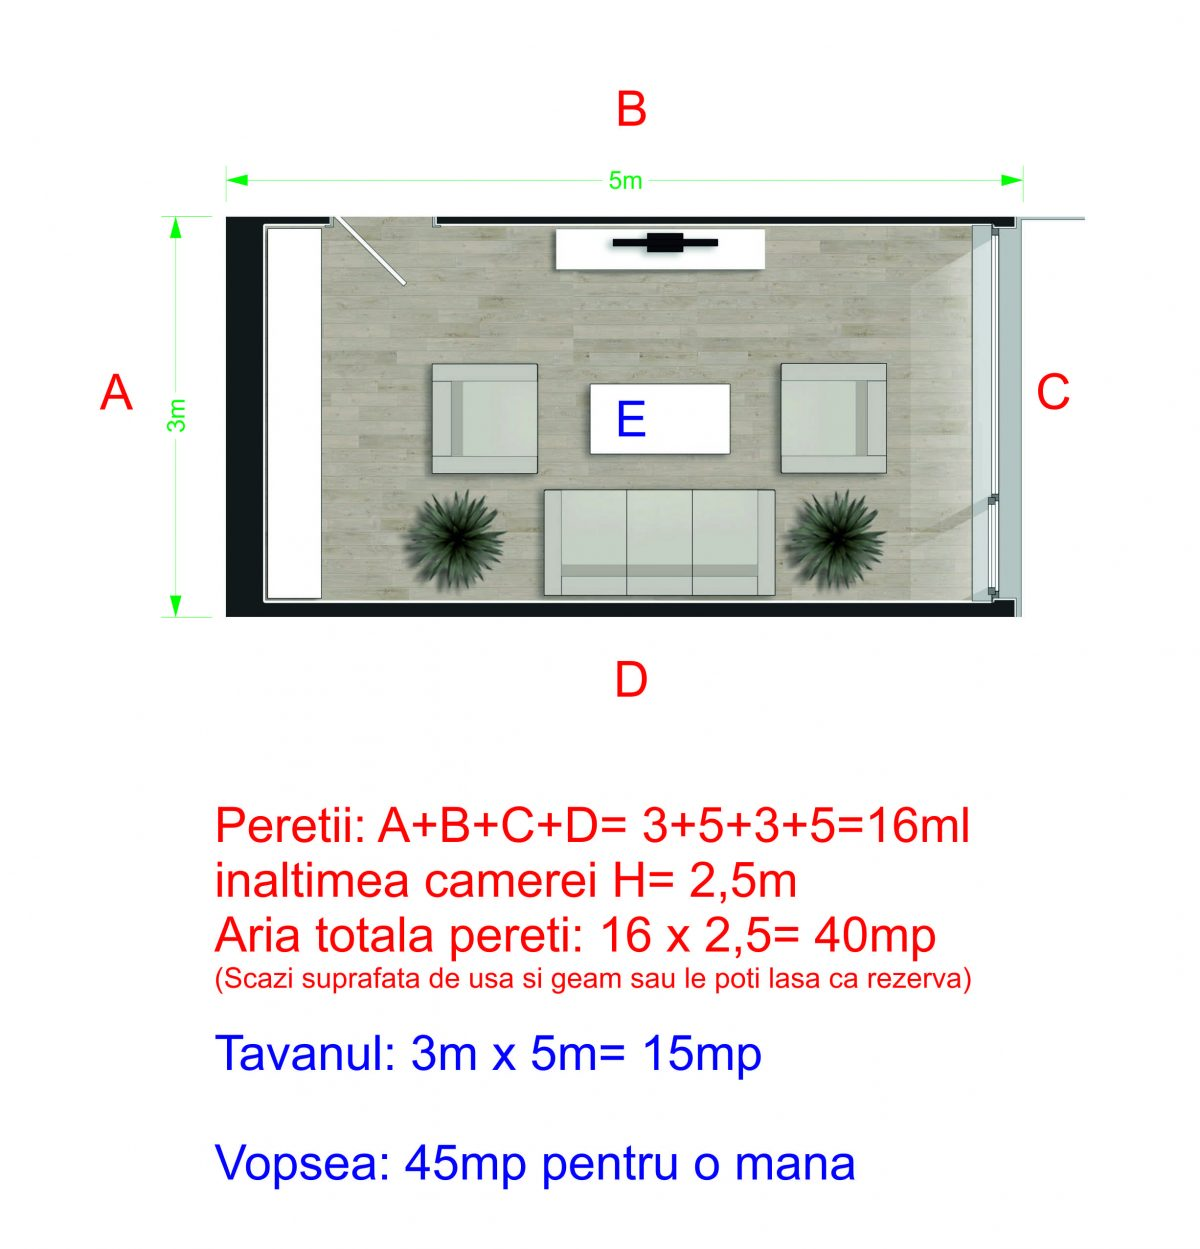 Cum calculezi suprafata unui metru patrat